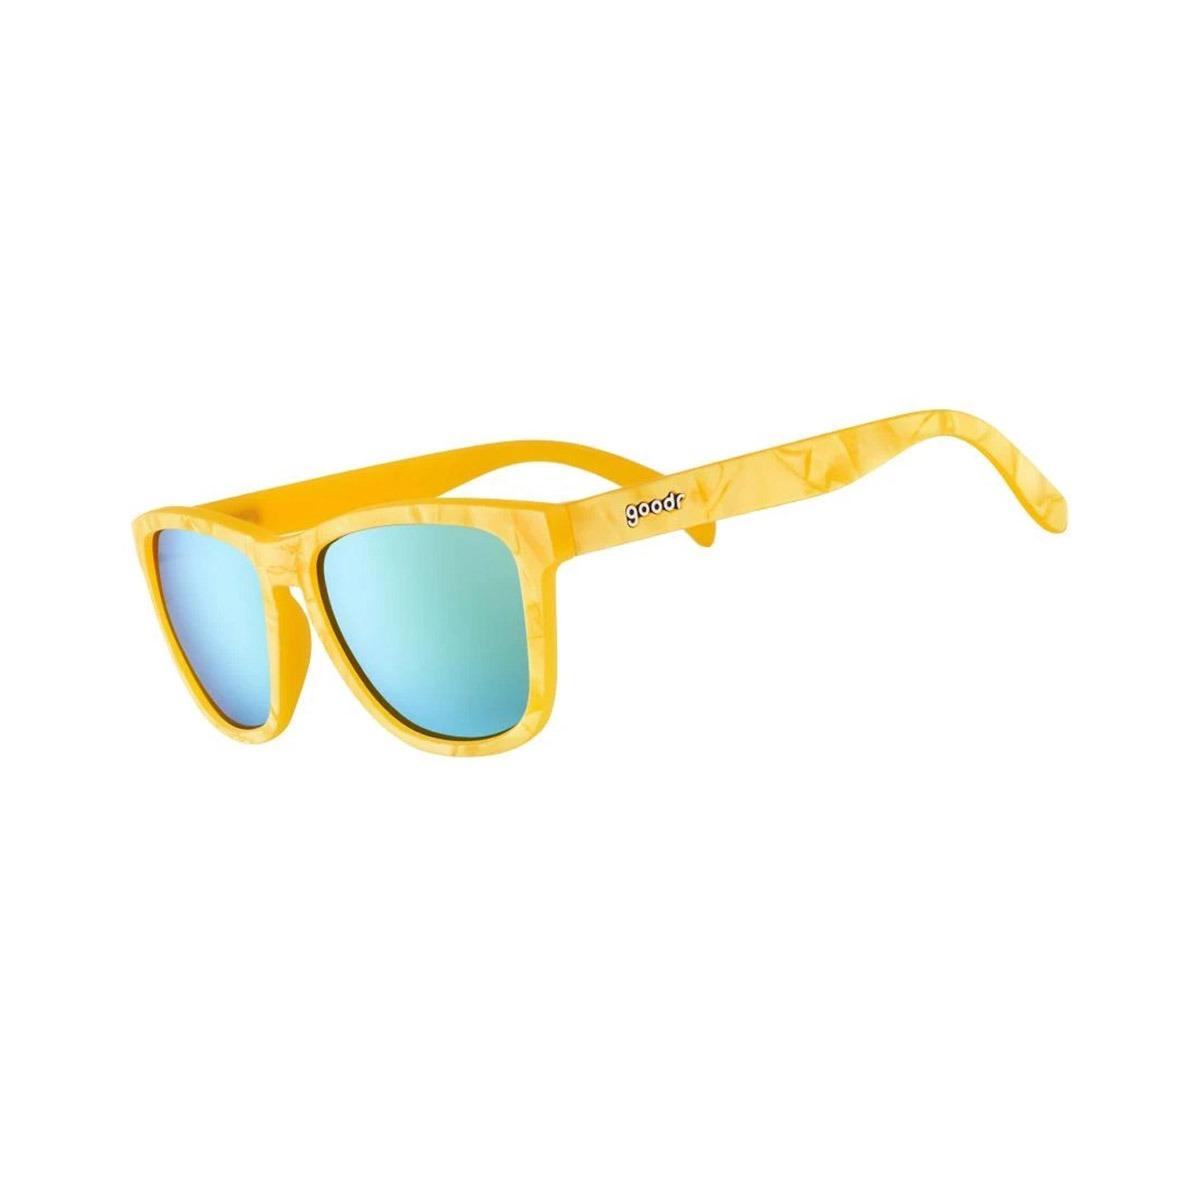 Óculos de Sol Goodr -    Citrine Mimosa Dream